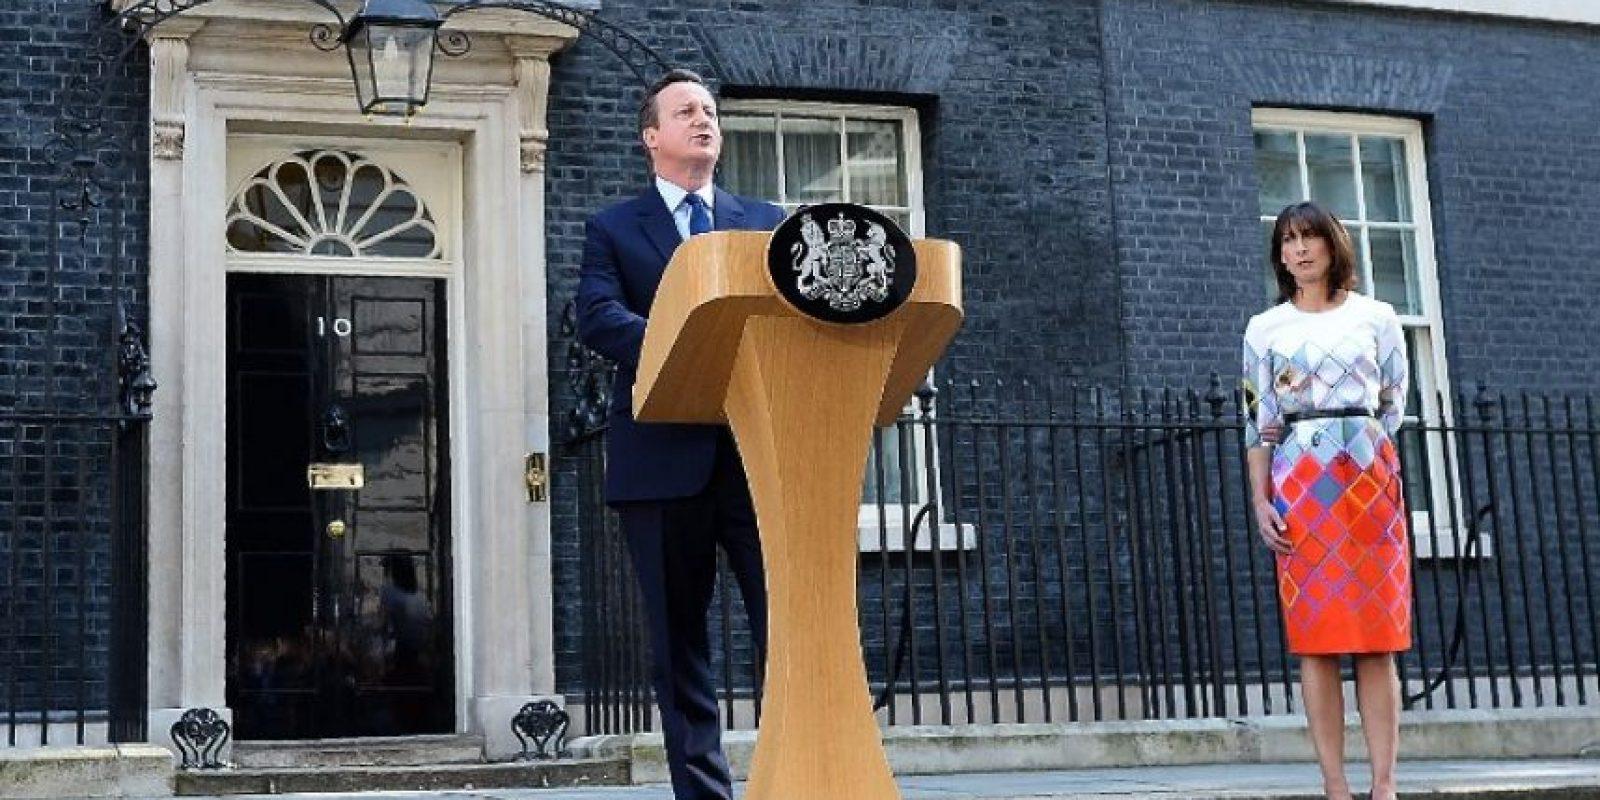 El primer ministro de Reino Unido, David Cameron, presentó su renuncia unas horas después de conocerse el resultado Foto:AFP